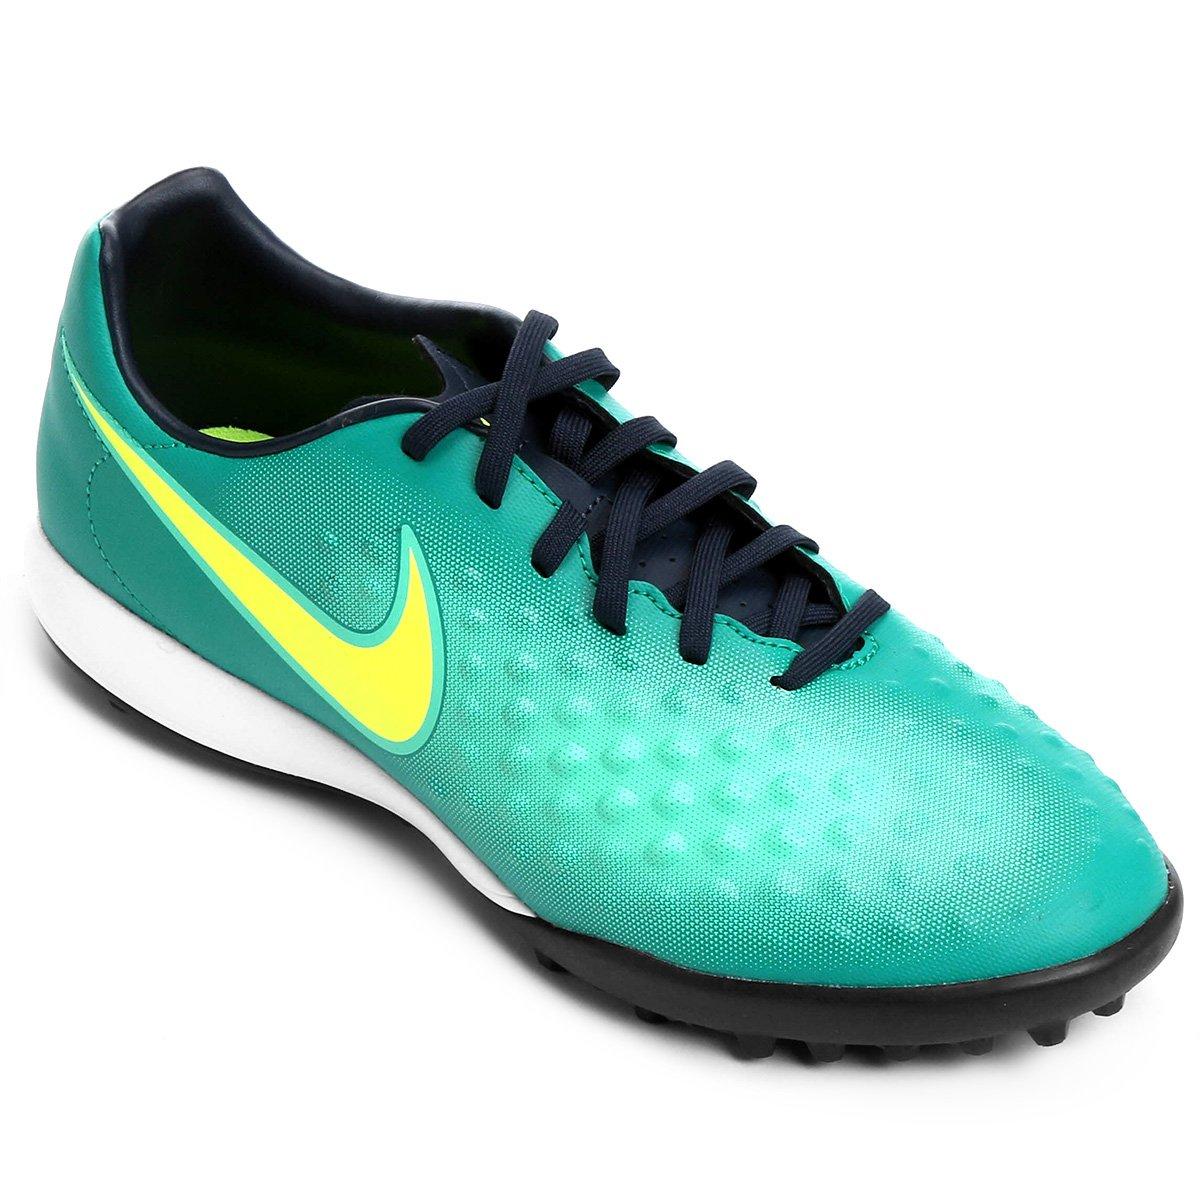 Chuteira Society Nike Magista Onda II TF - Azul e Verde - Compre ... df91bf10806e9